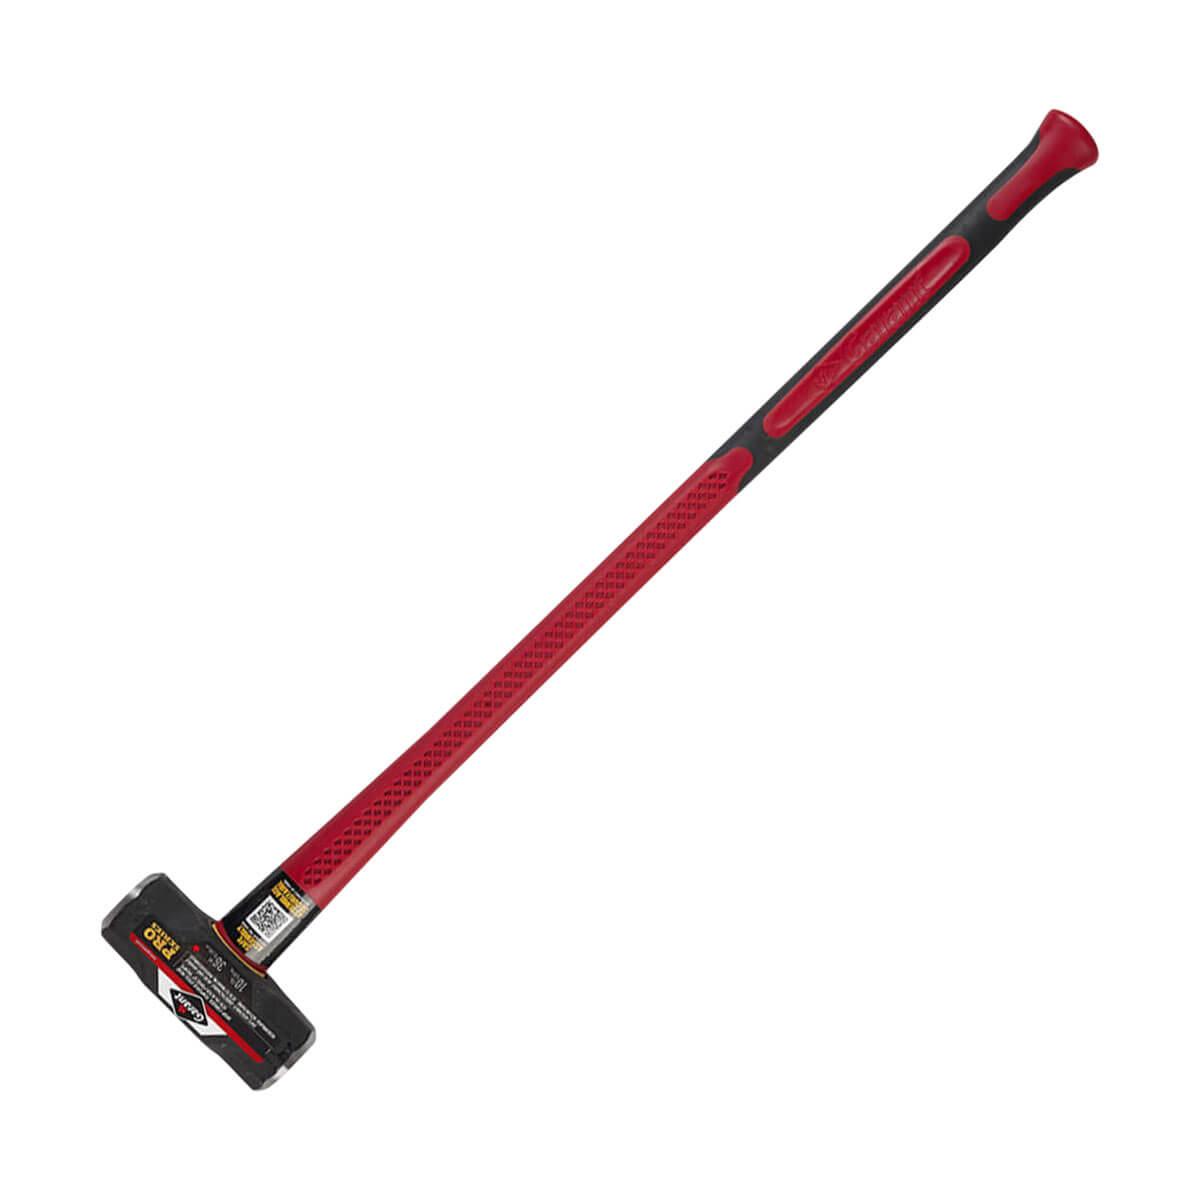 """Garant Sledge Hammer - 36"""" - 10 lb."""